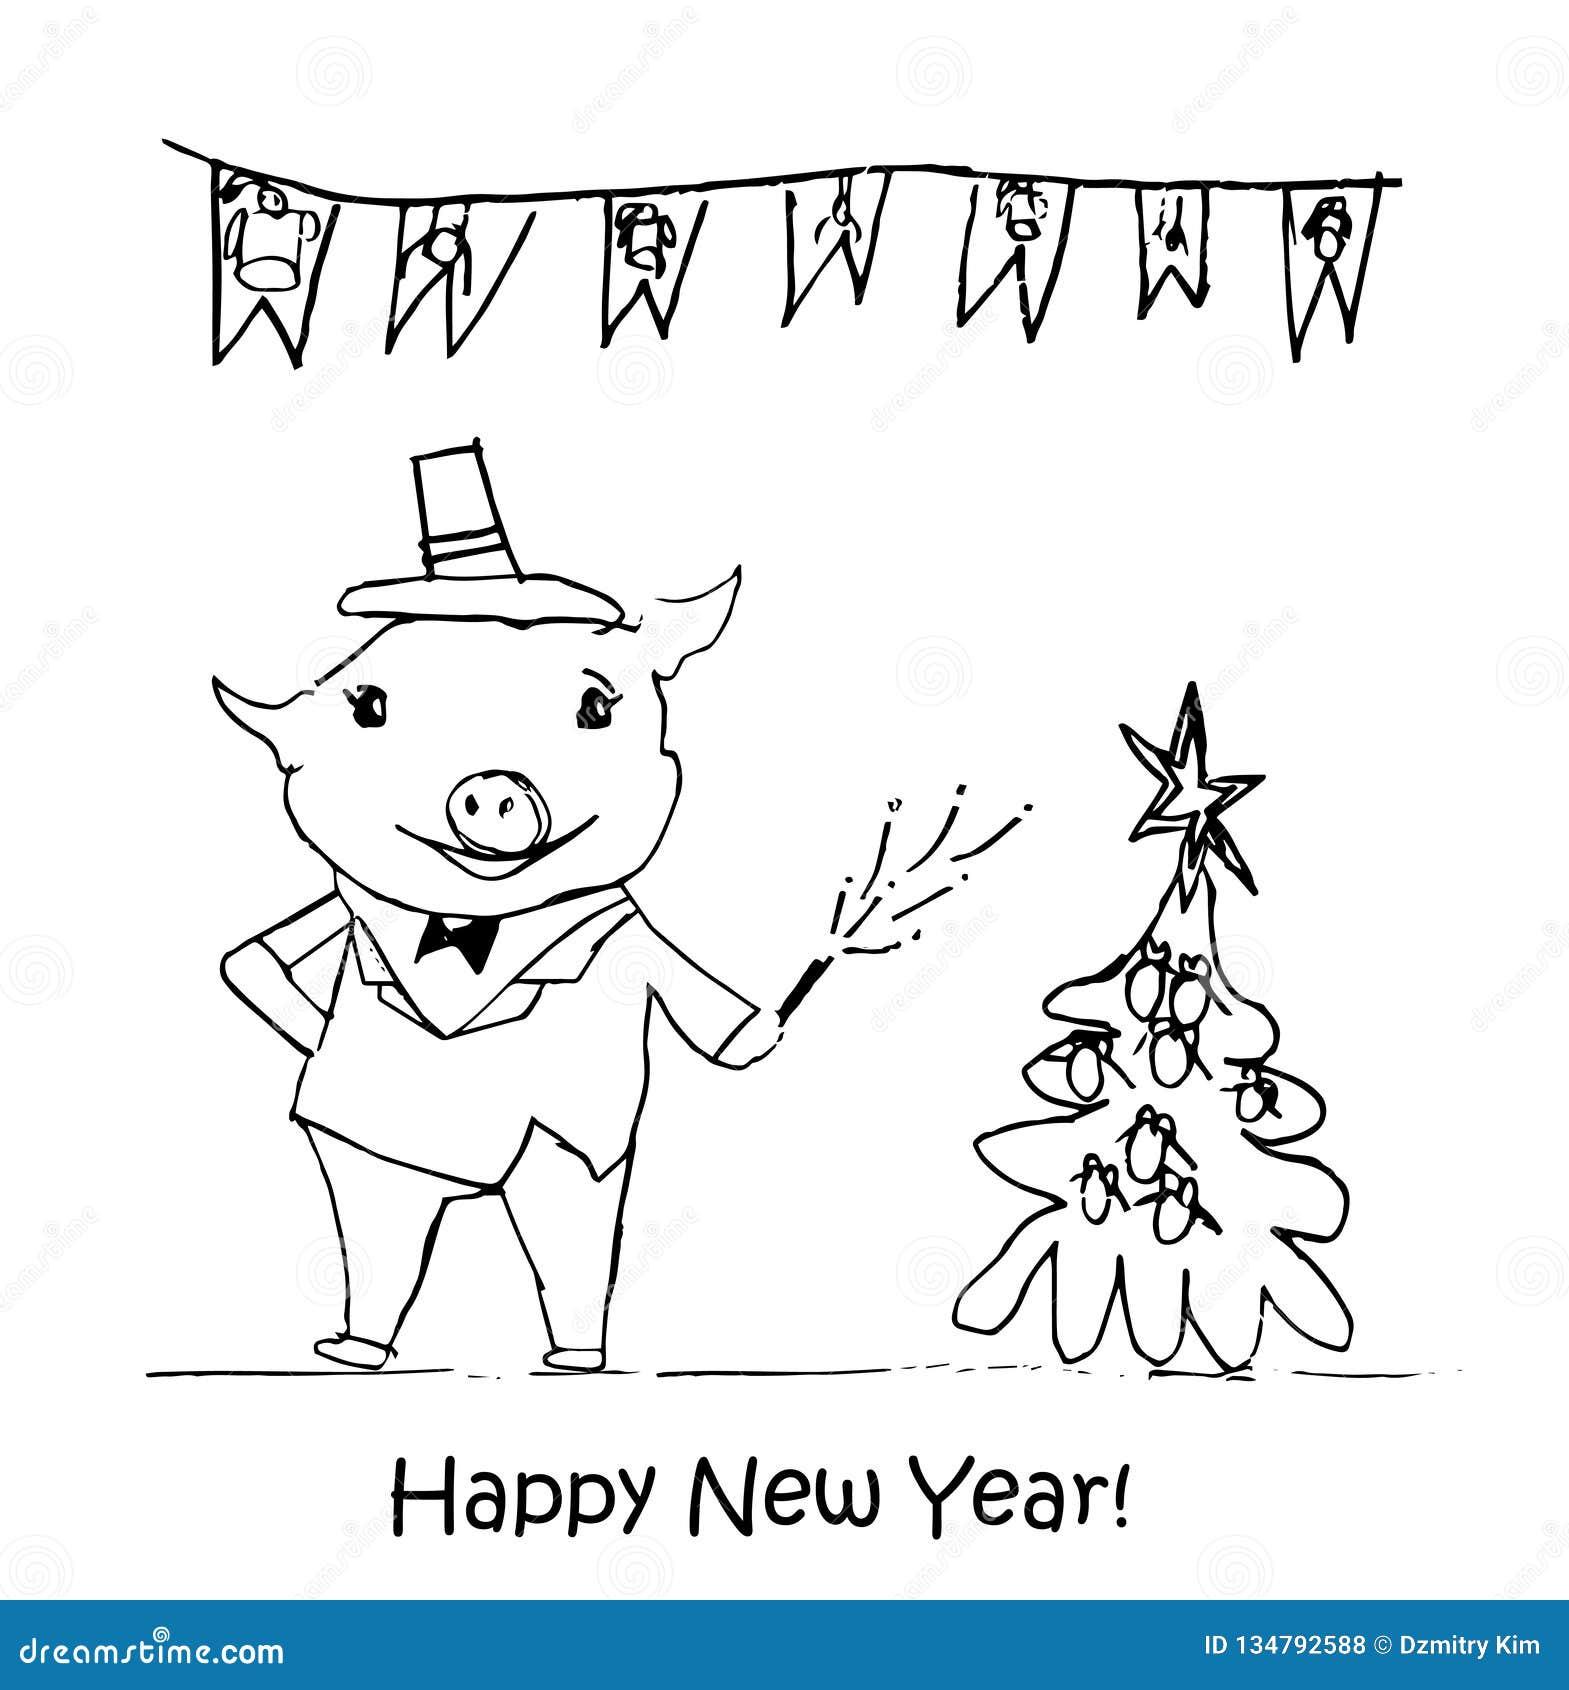 Abbildung des neuen Jahres Die Zeichnungen der Kinder mit schwarzer Kreide auf einem weißen Hintergrund Weihnachtsbaum, Pelzbaums